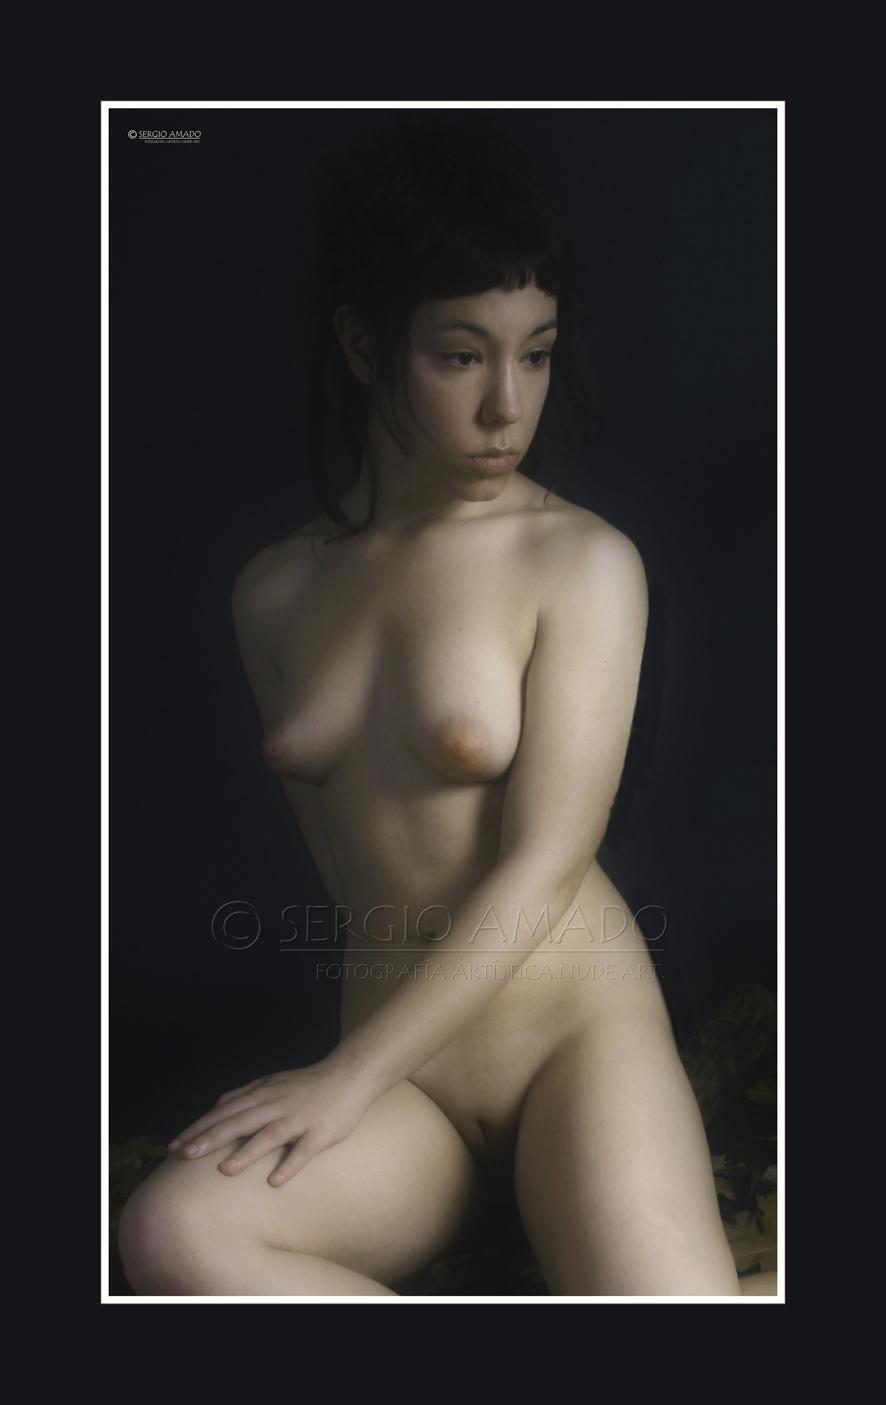 Arte ruso del muchacho desnudo